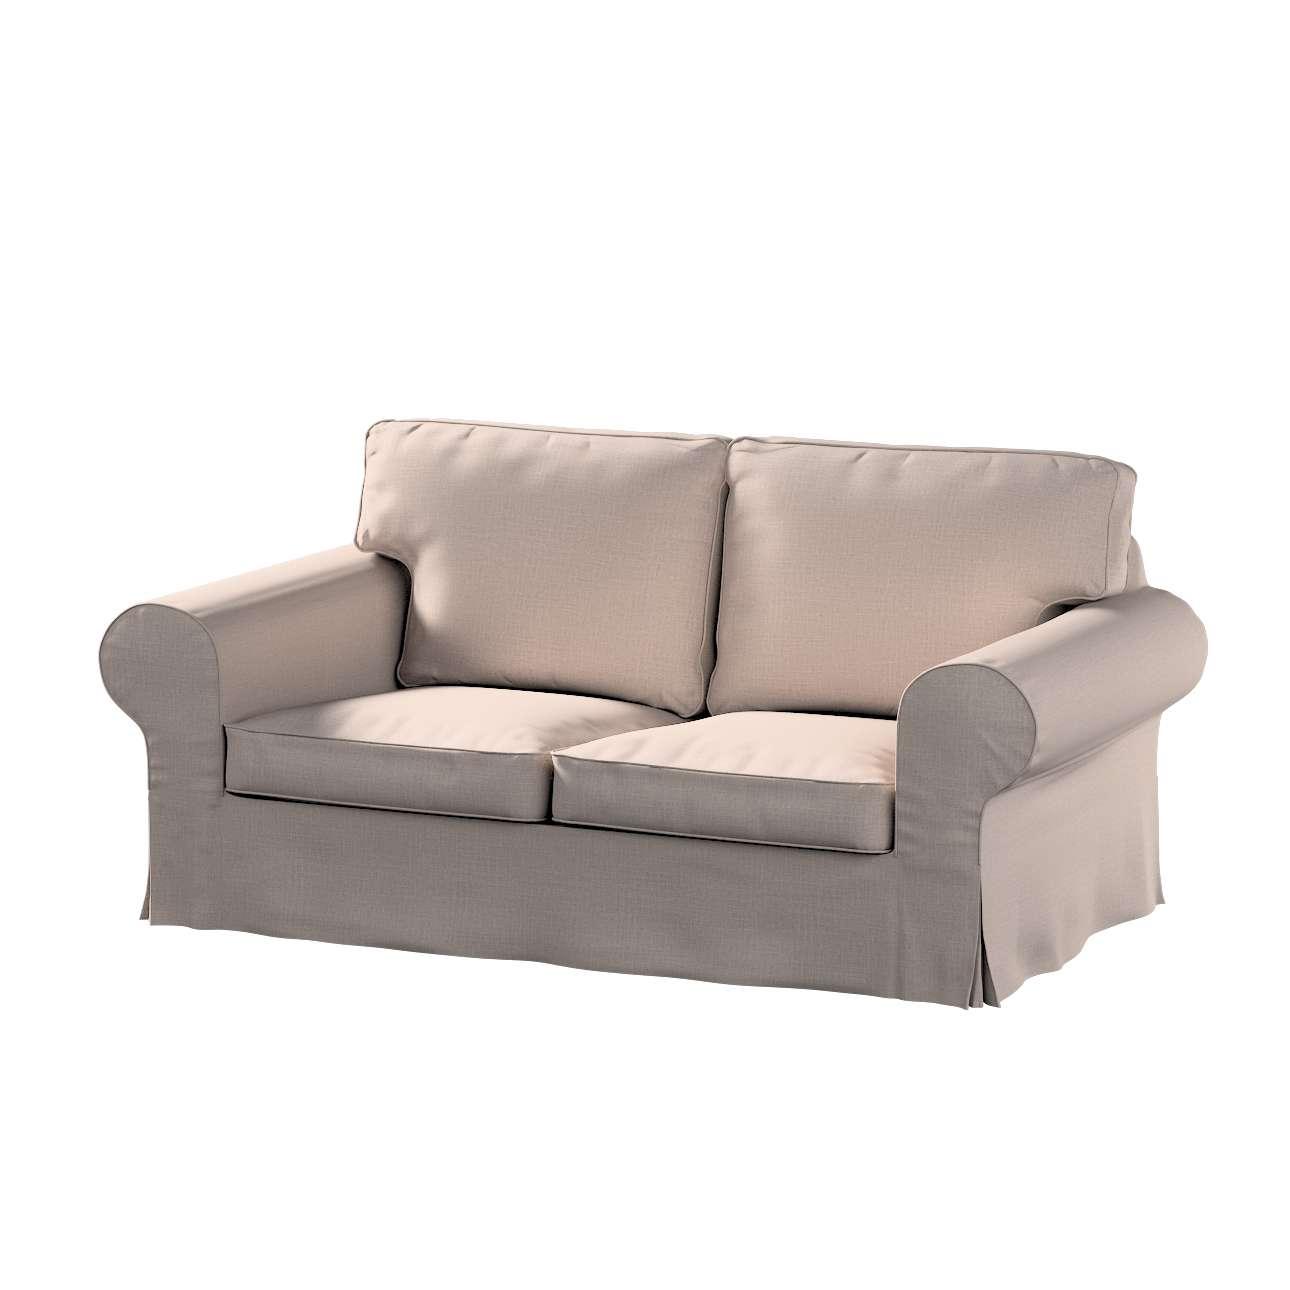 Pokrowiec na sofę Ektorp 2-osobową, nierozkładaną w kolekcji Living II, tkanina: 160-85